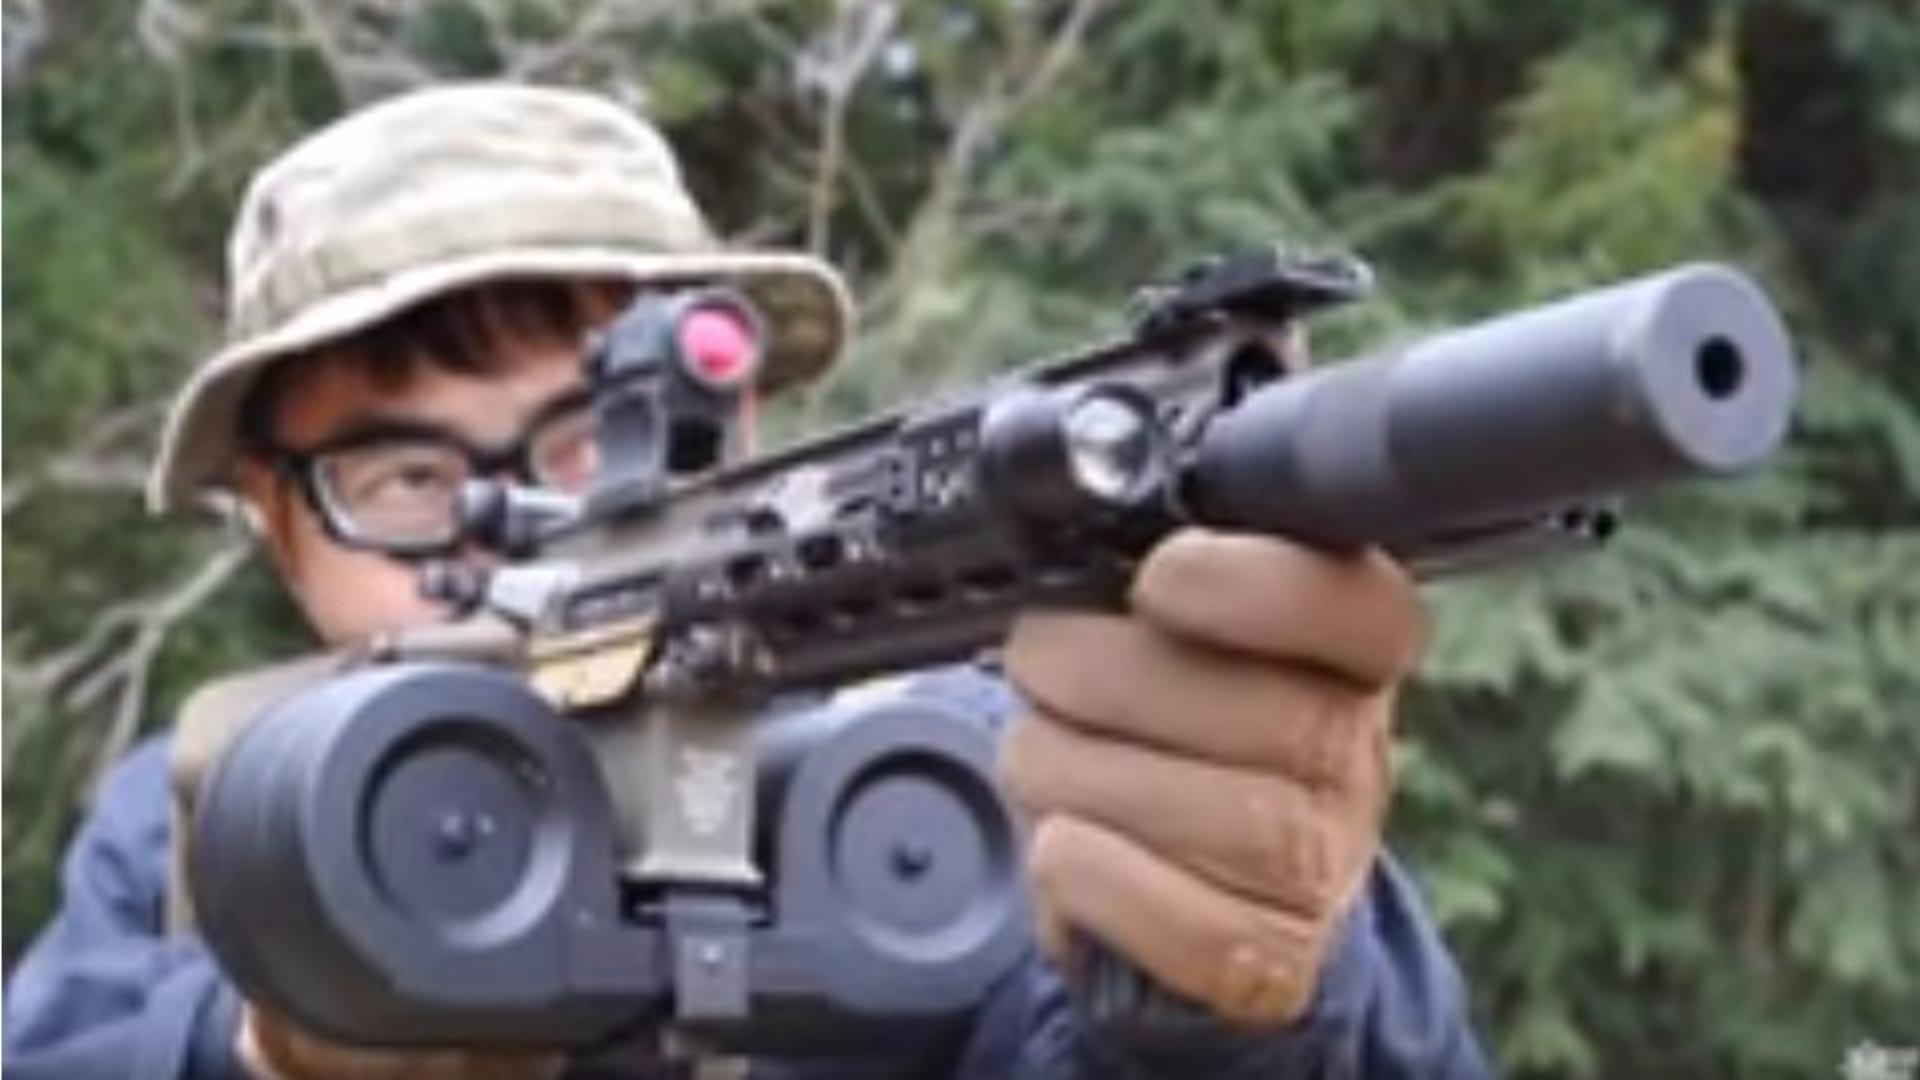 日本壕堺大叔:东京马尔伊HK416三角星定制【麦克堺定制】户外射击测评!